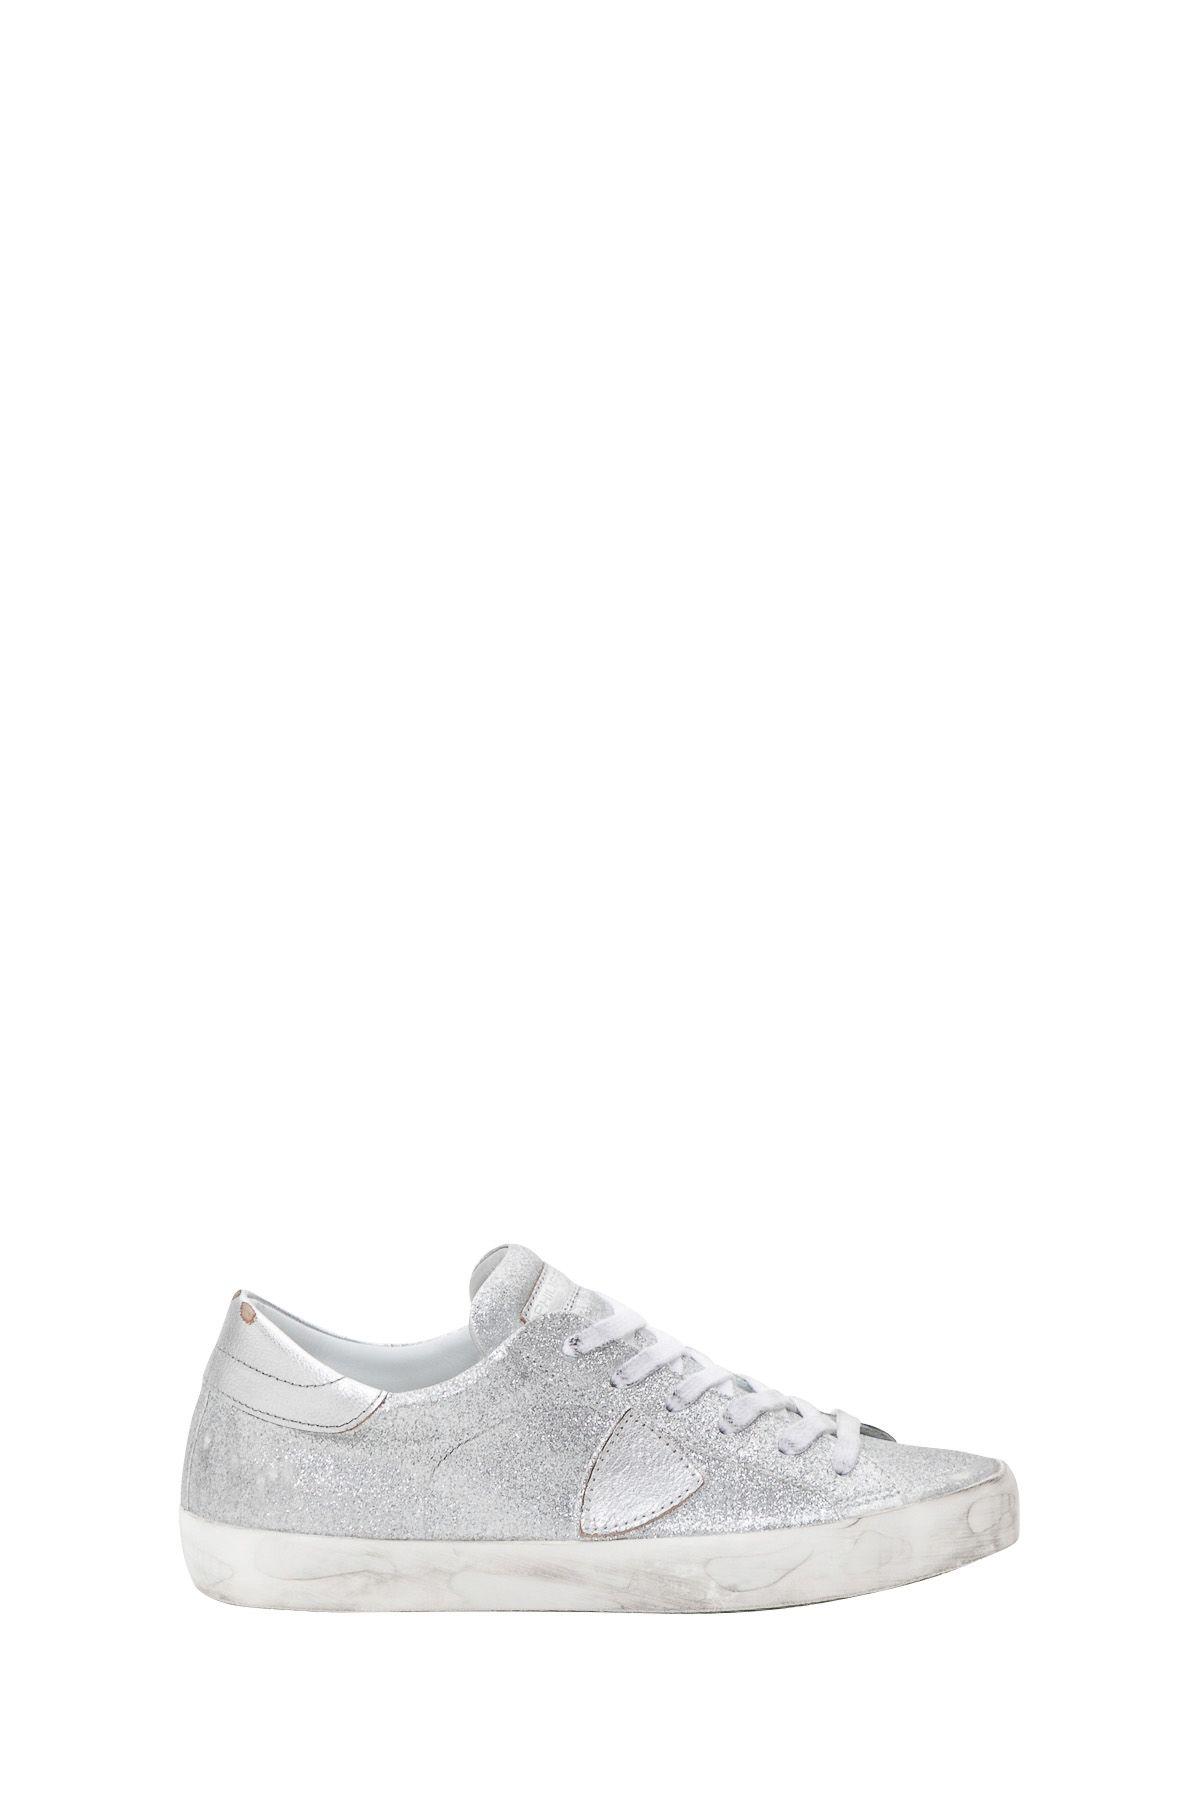 Philippe Model Paris Low-top Sneakers